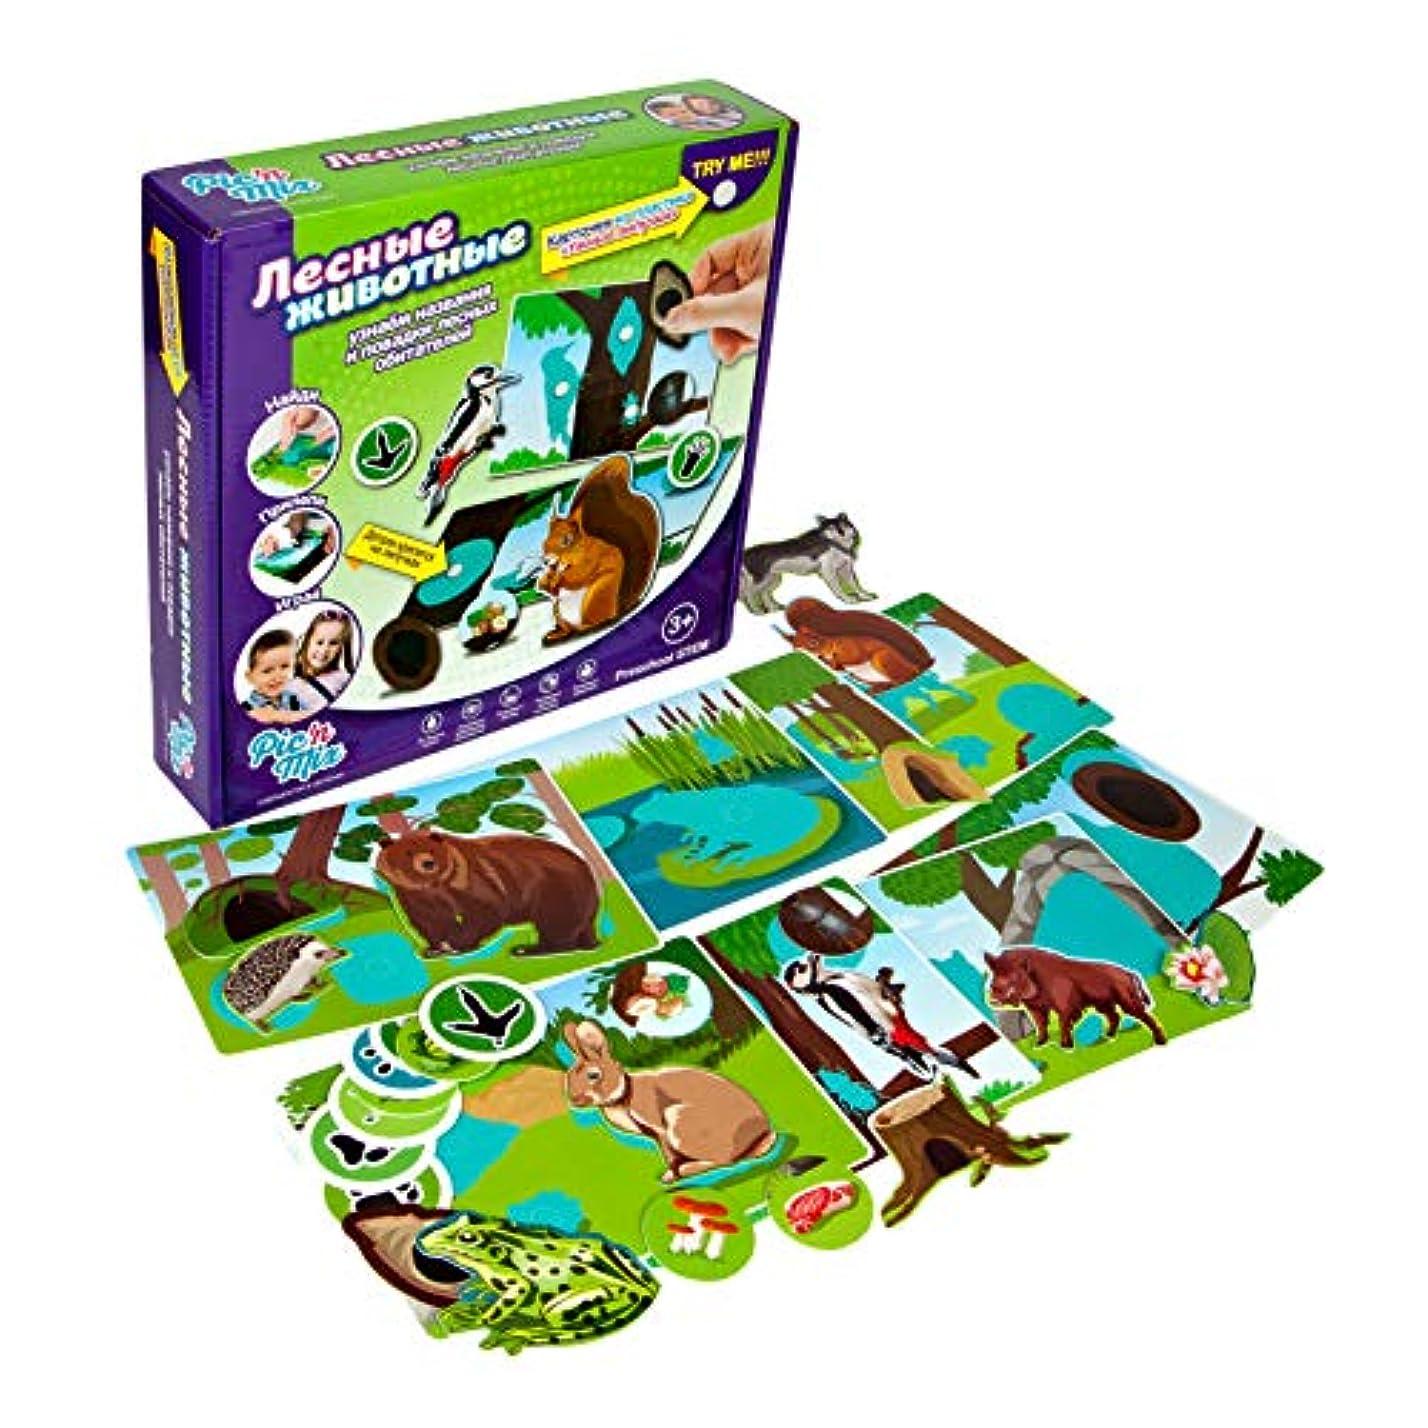 突破口湿ったあたたかいPicnmix Forest Animals Sticker Puzzle Educational Toys and Games for 3 year olds to 7 year olds